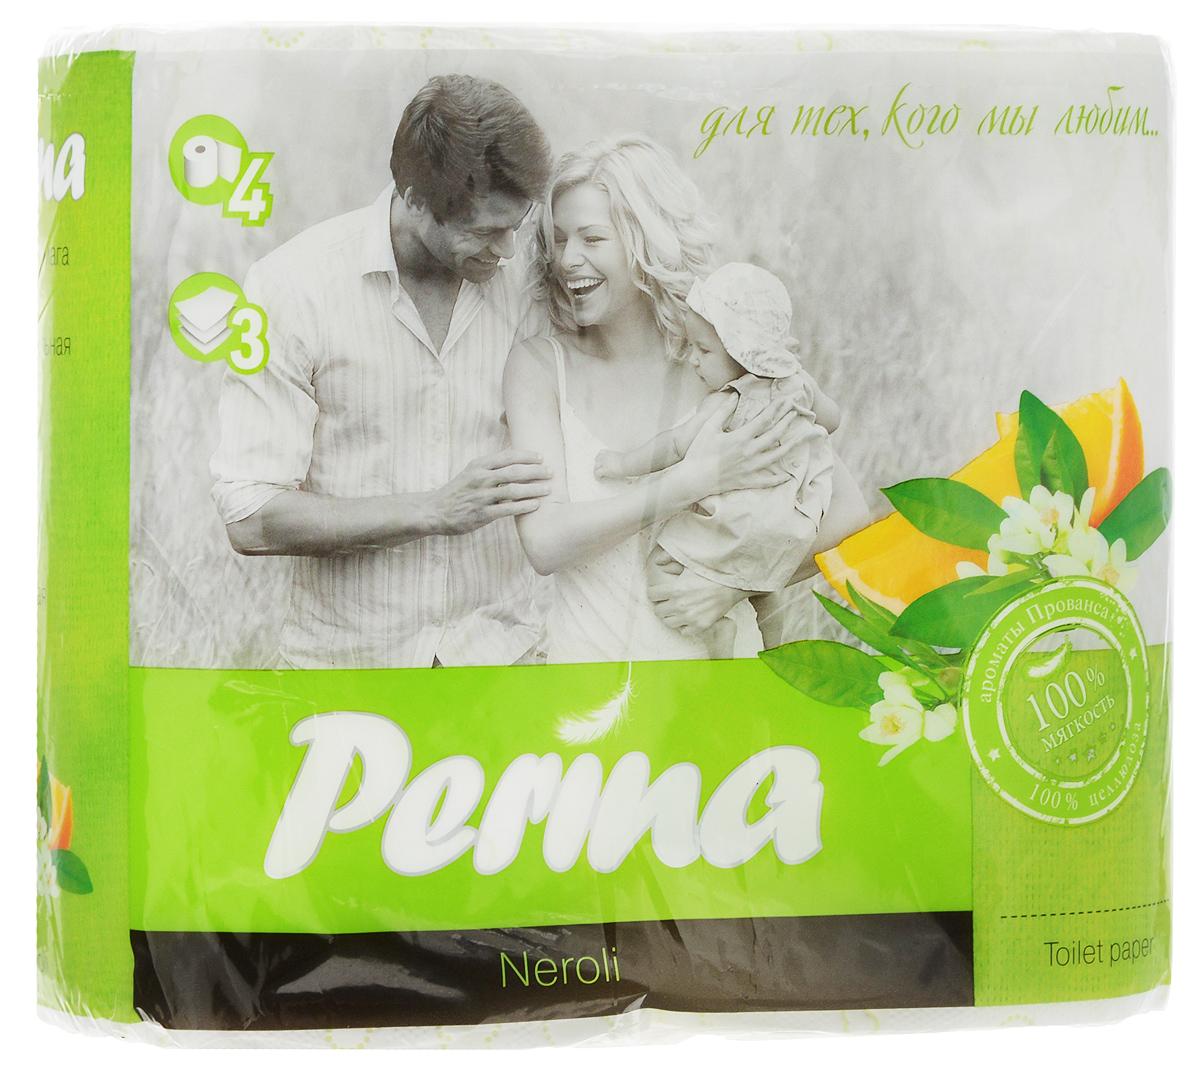 """Ароматизированная туалетная бумага  Perina """"Neroli"""" выполнена из натуральной целлюлозы и обладает  приятным ароматом. Трехслойная туалетная бумага мягкая, нежная, но в тоже время прочная. Листы имеют  рисунок с перфорацией.  Длина рулона: 18,8 м. Количество листов: 150 шт. Количество слоев: 3. Размер листа: 12,5 х 9,4 см. Состав: 100% целлюлоза."""